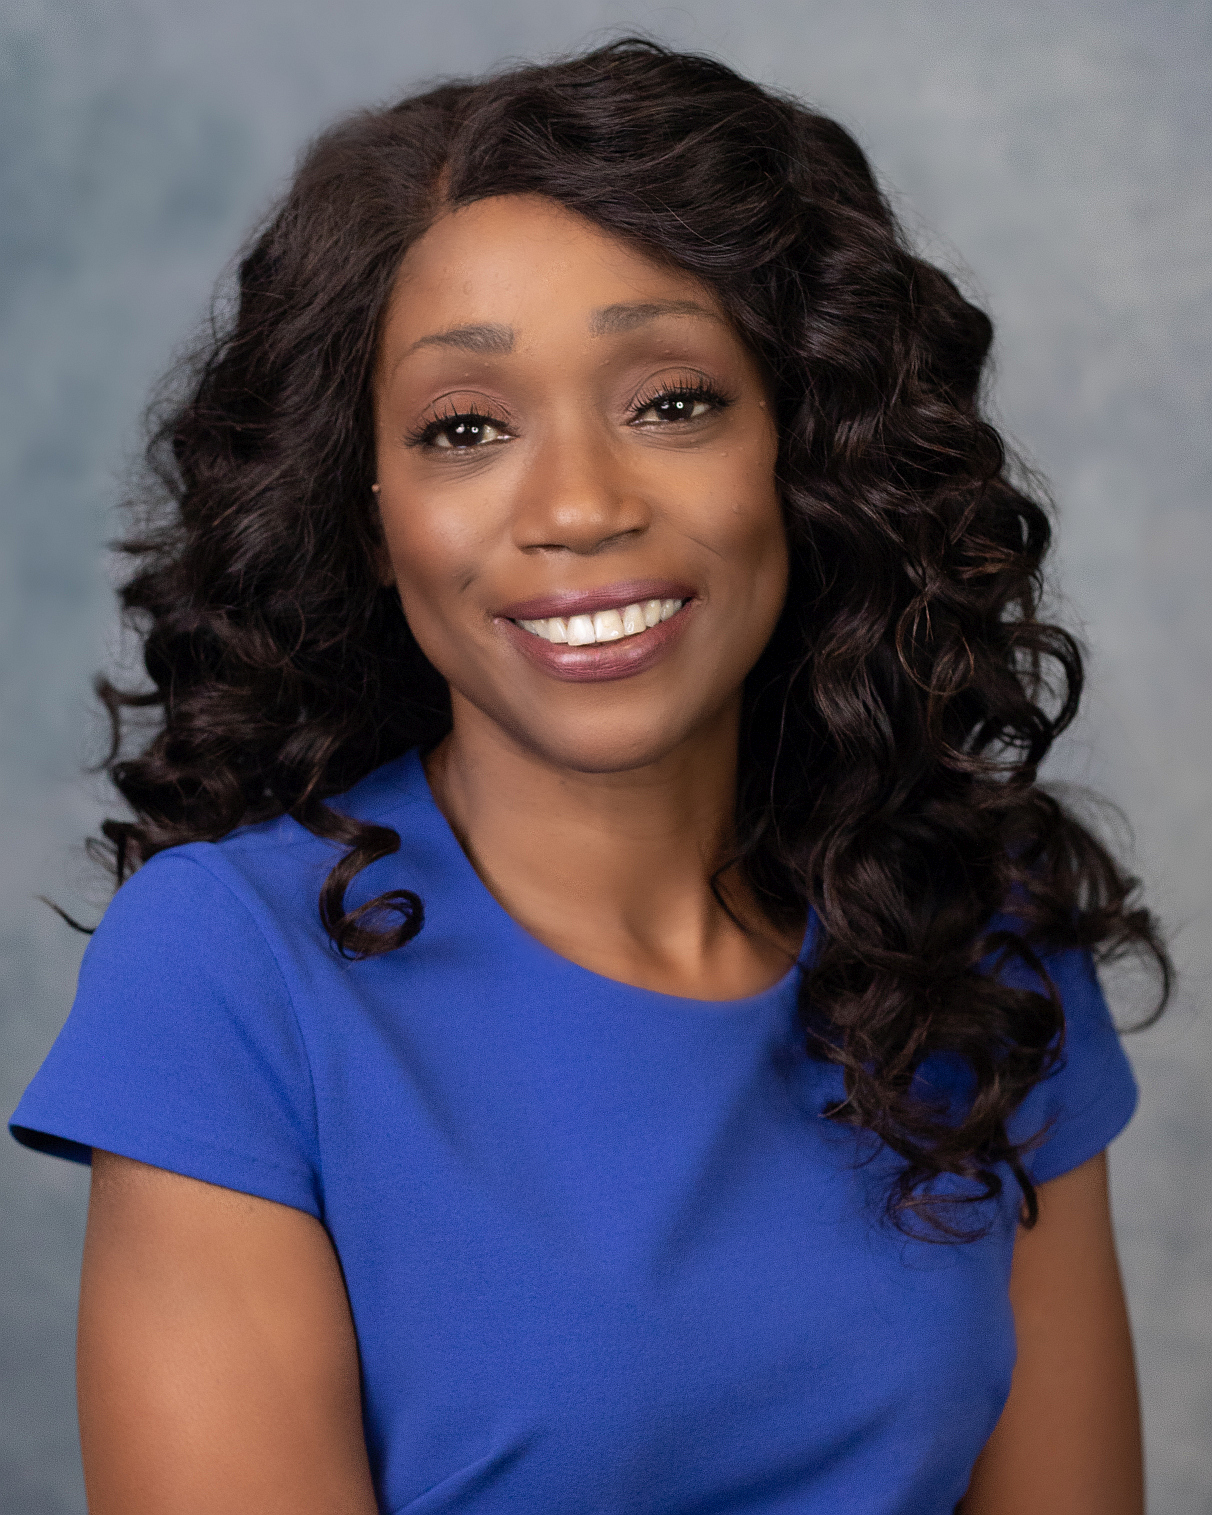 Beautiful black woman business headshot